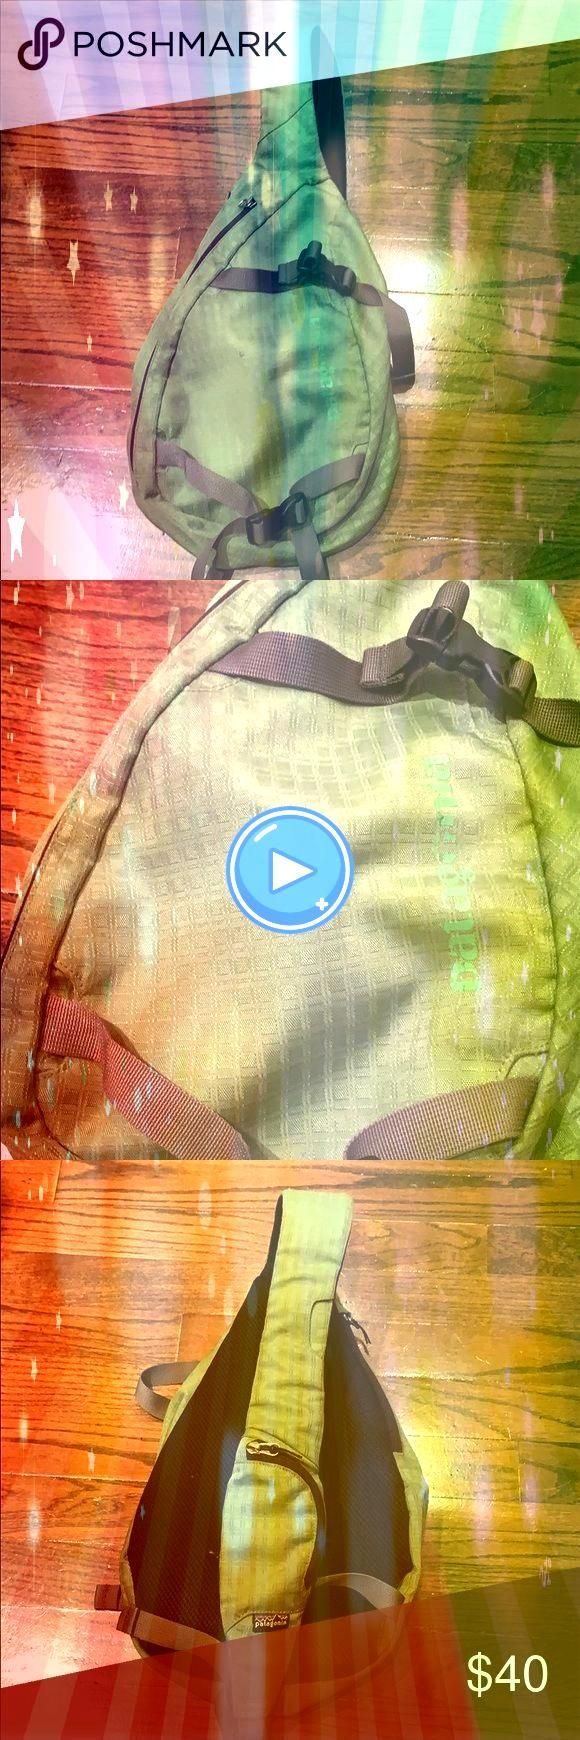 limoengroen Atom Bag Patagonië atoom sling bag Riemen en clips bevi  Patagonië limoengroen Atom Bag Patagonië atoom sling bag Riemen en clips bevi  Patagon...